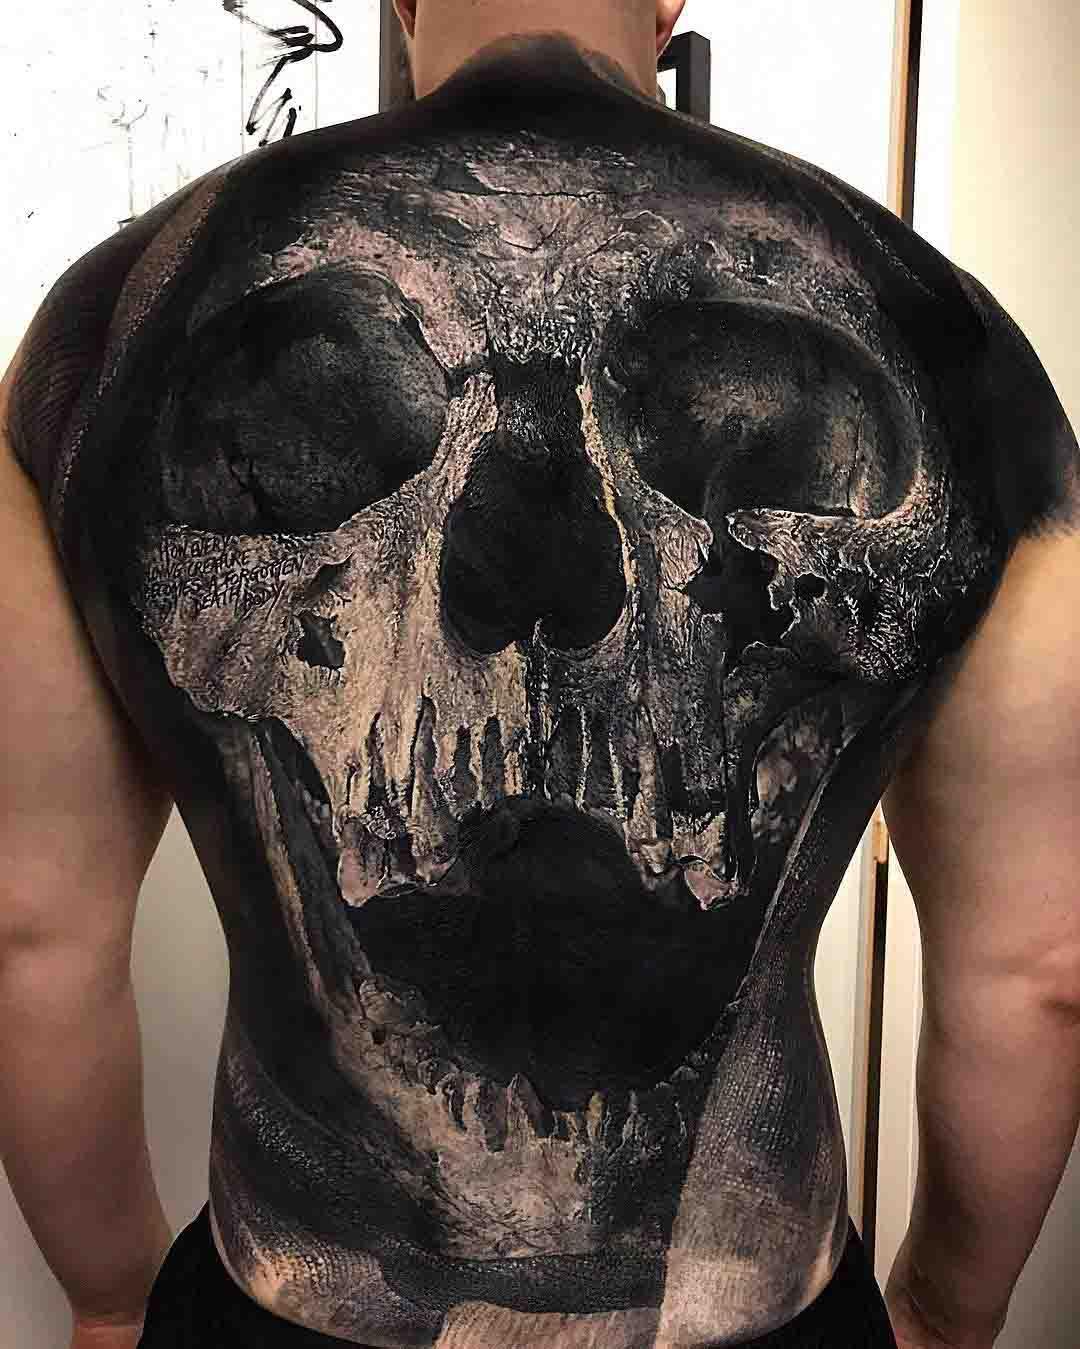 full back tattoo of skull